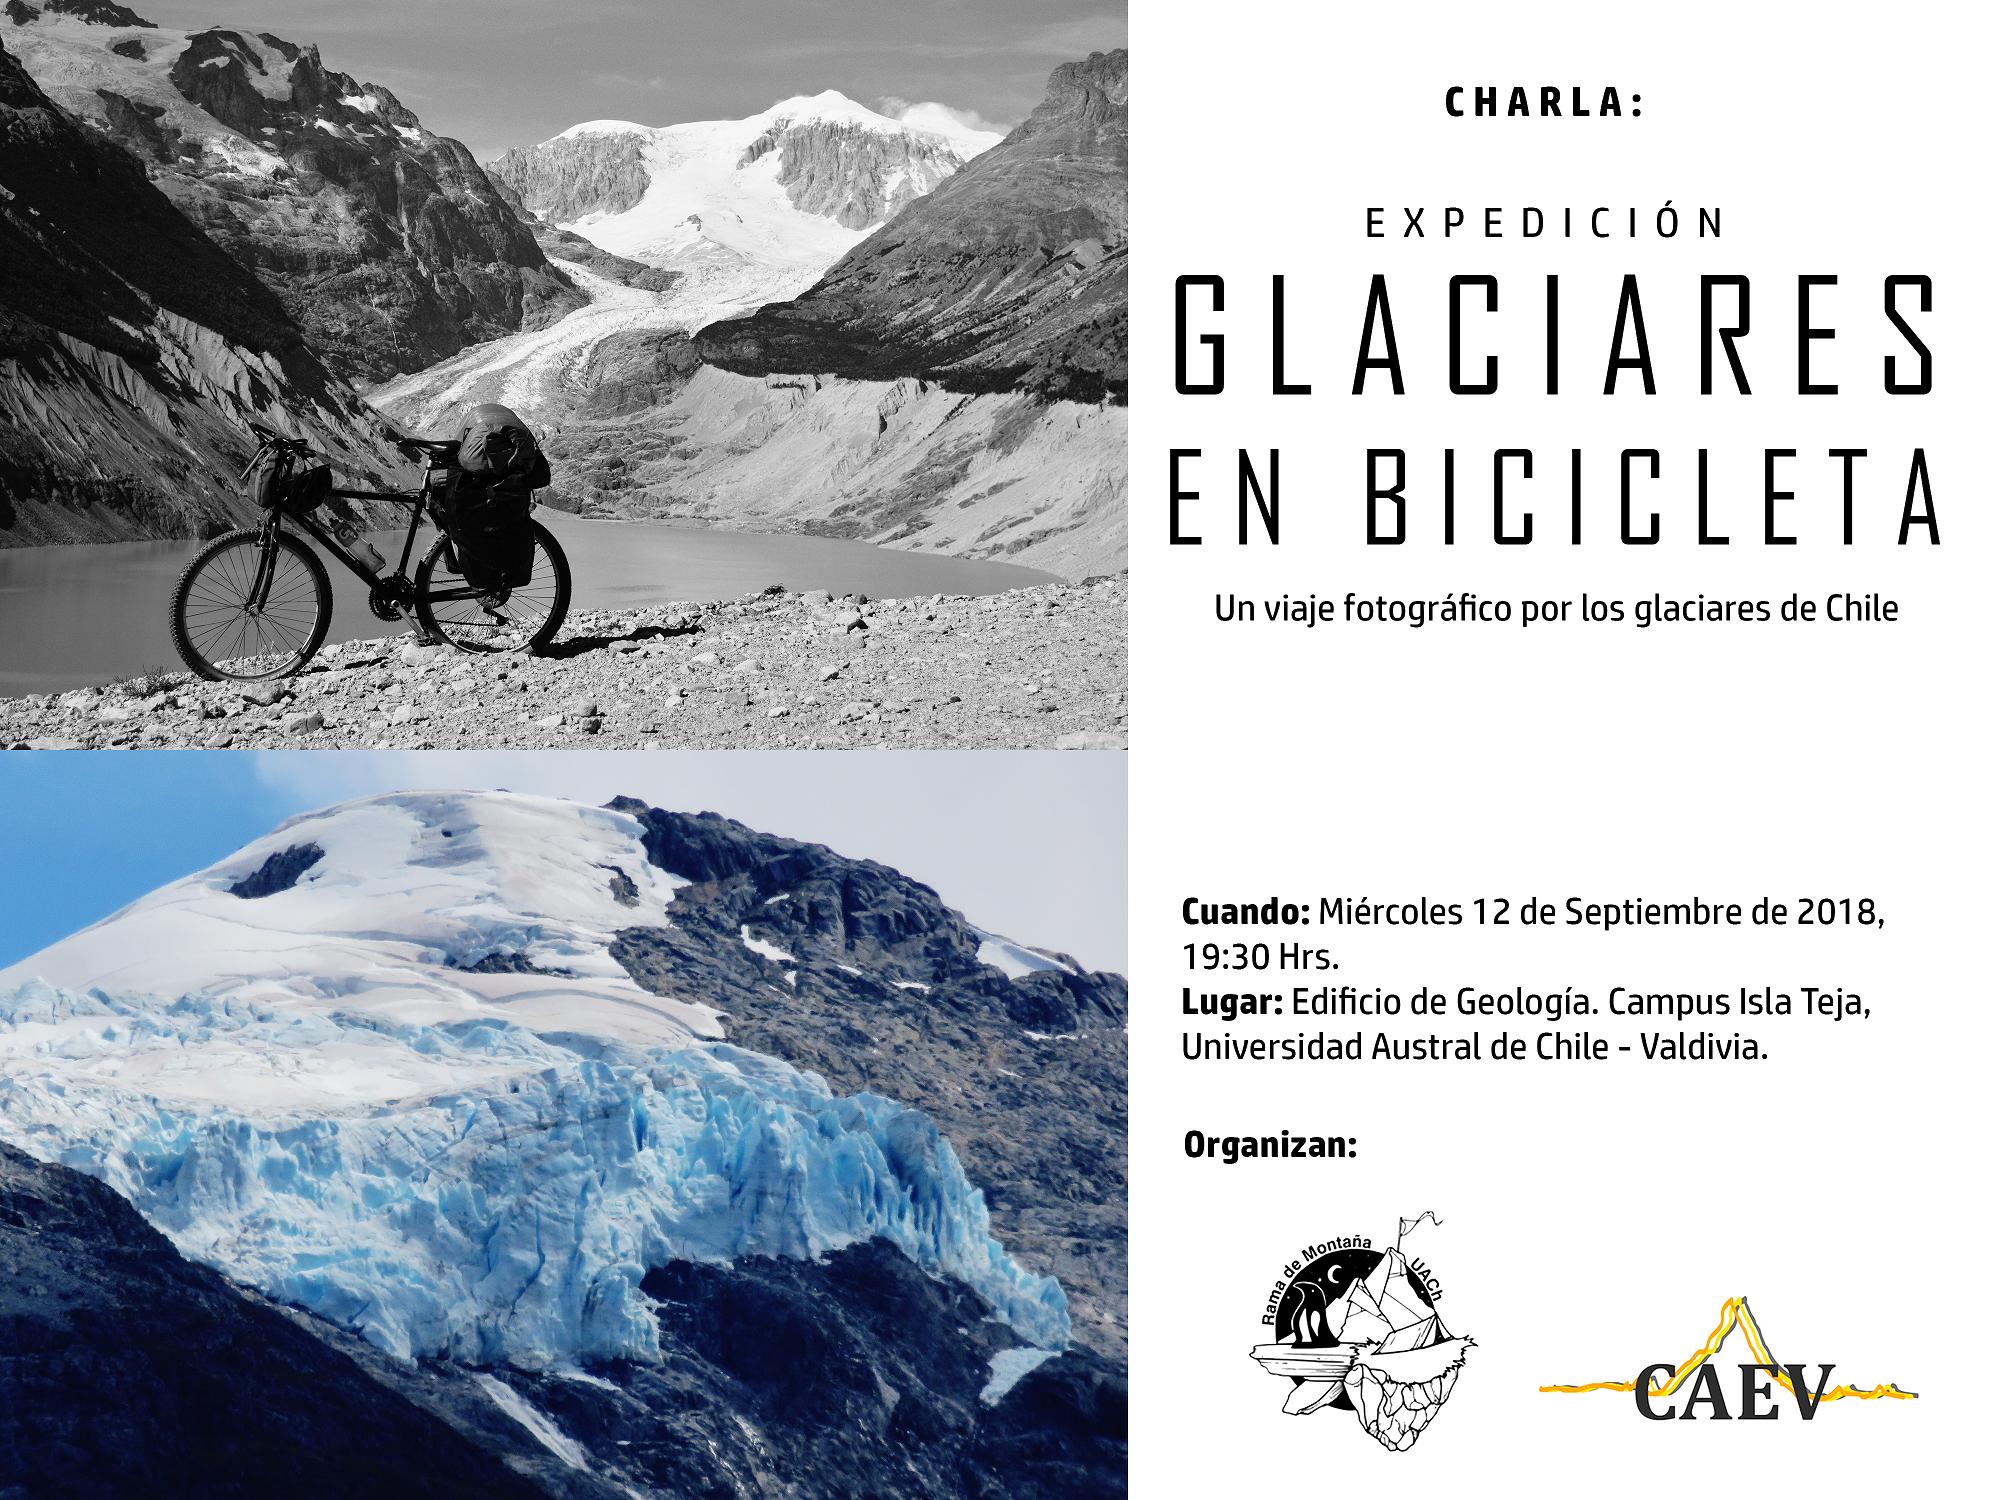 Charla sobre el Proyecto Glaciares en Bicicleta en Valdivia